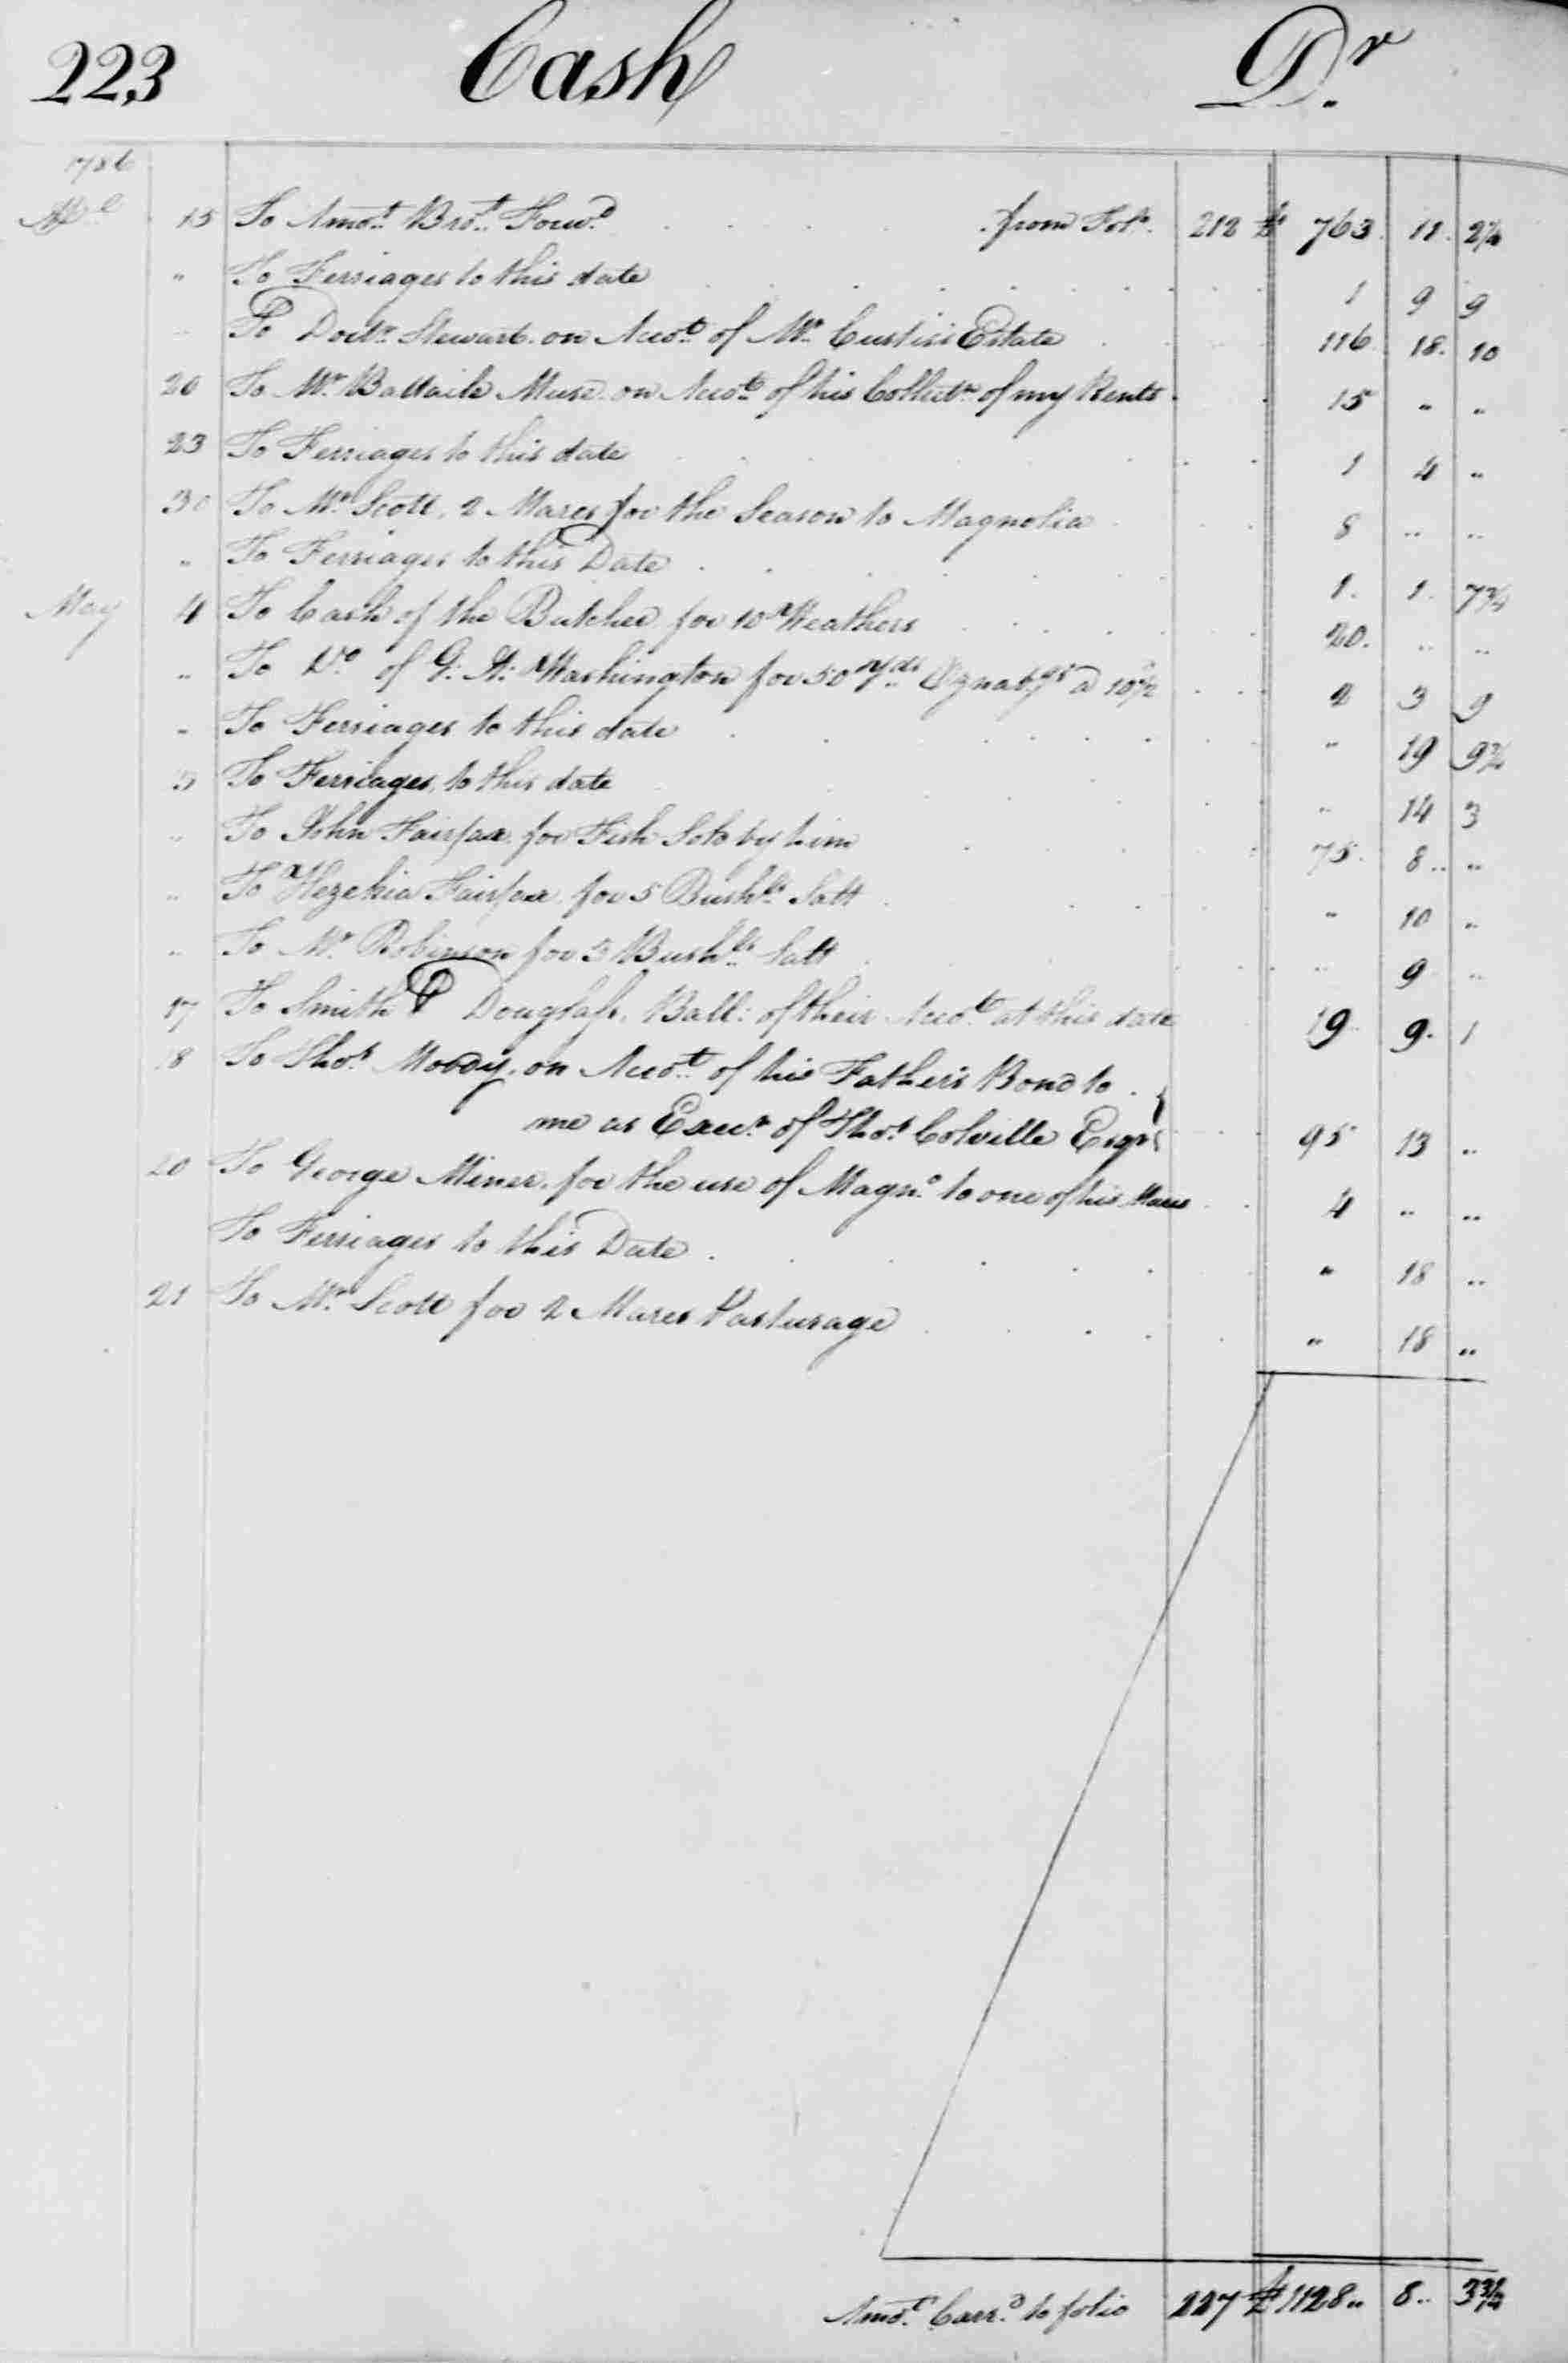 Ledger B, folio 223, left side